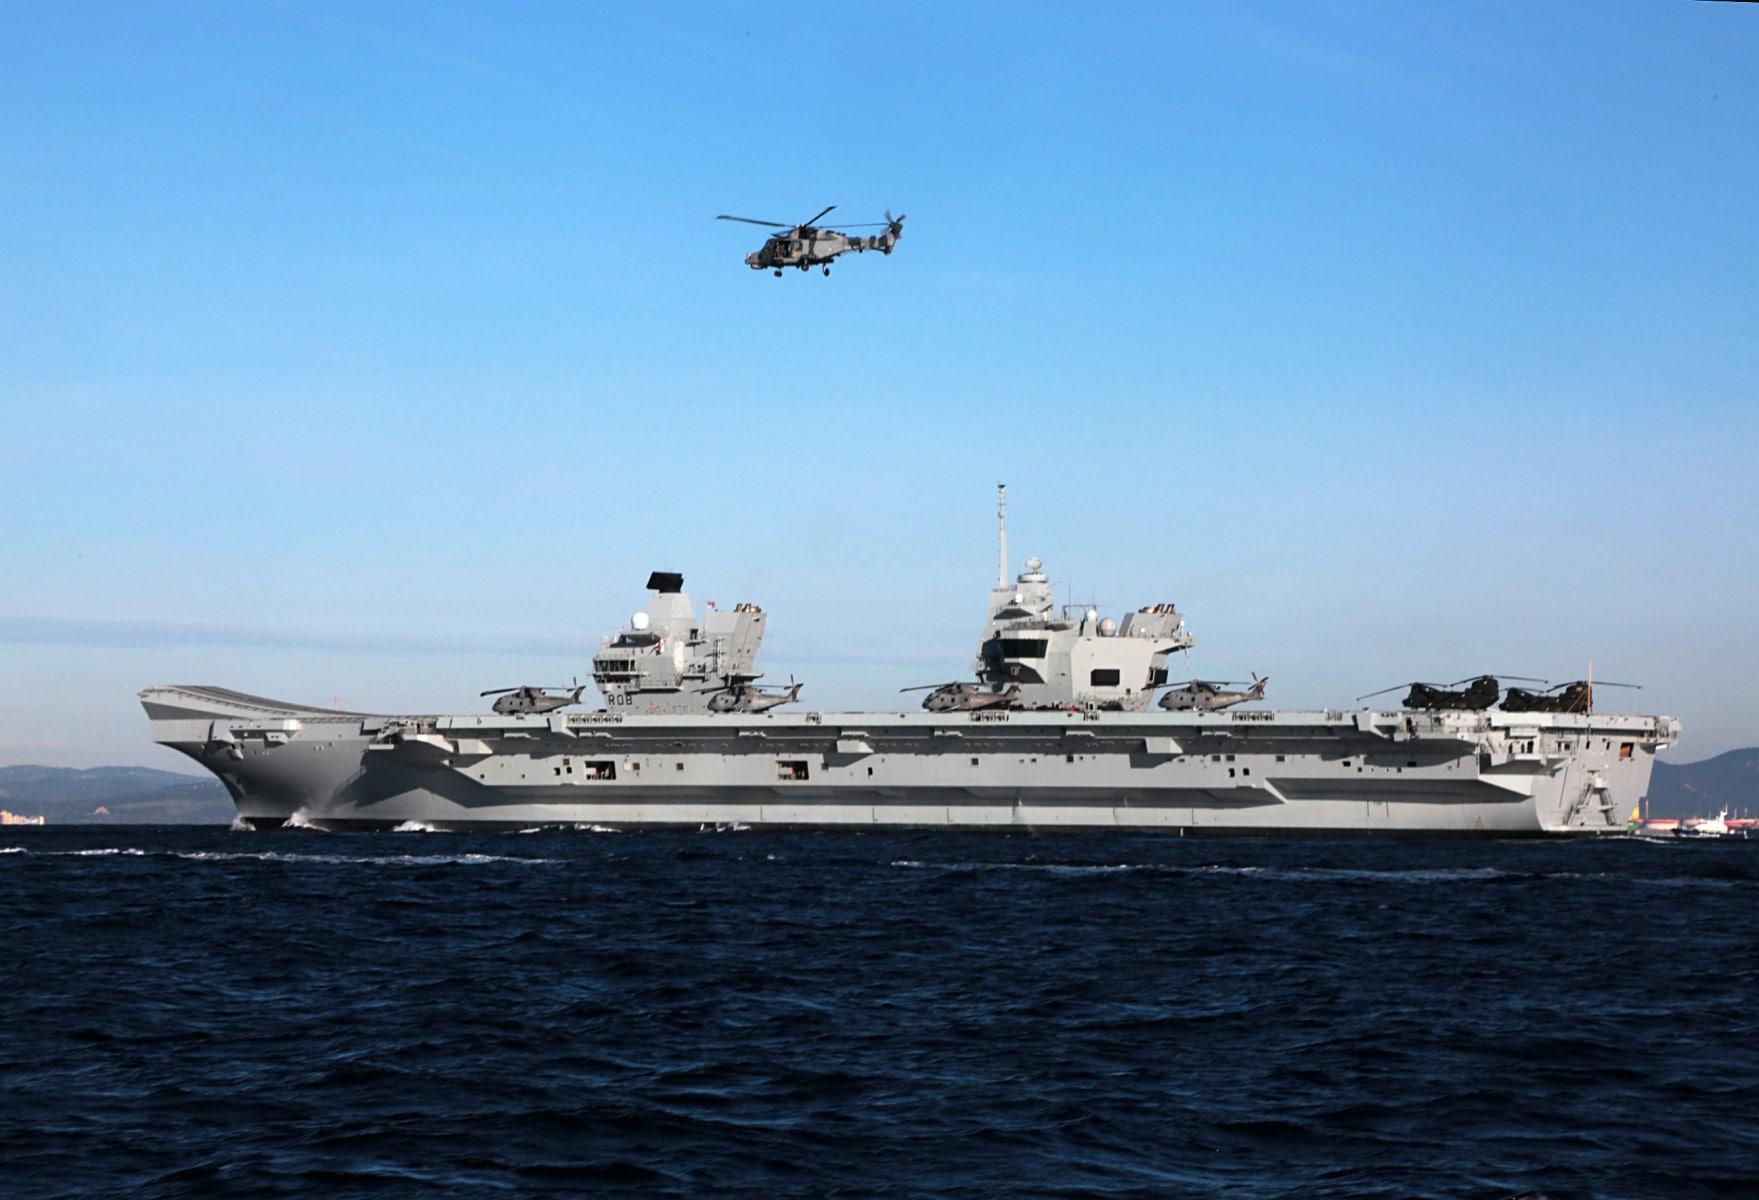 portaaviones-hms-queen-elizabeth-llegando-a-gibraltar-imagen-tomada-desde-uno-de-los-buques-de-apoyo-via-royal-navy-20_40133898262_o